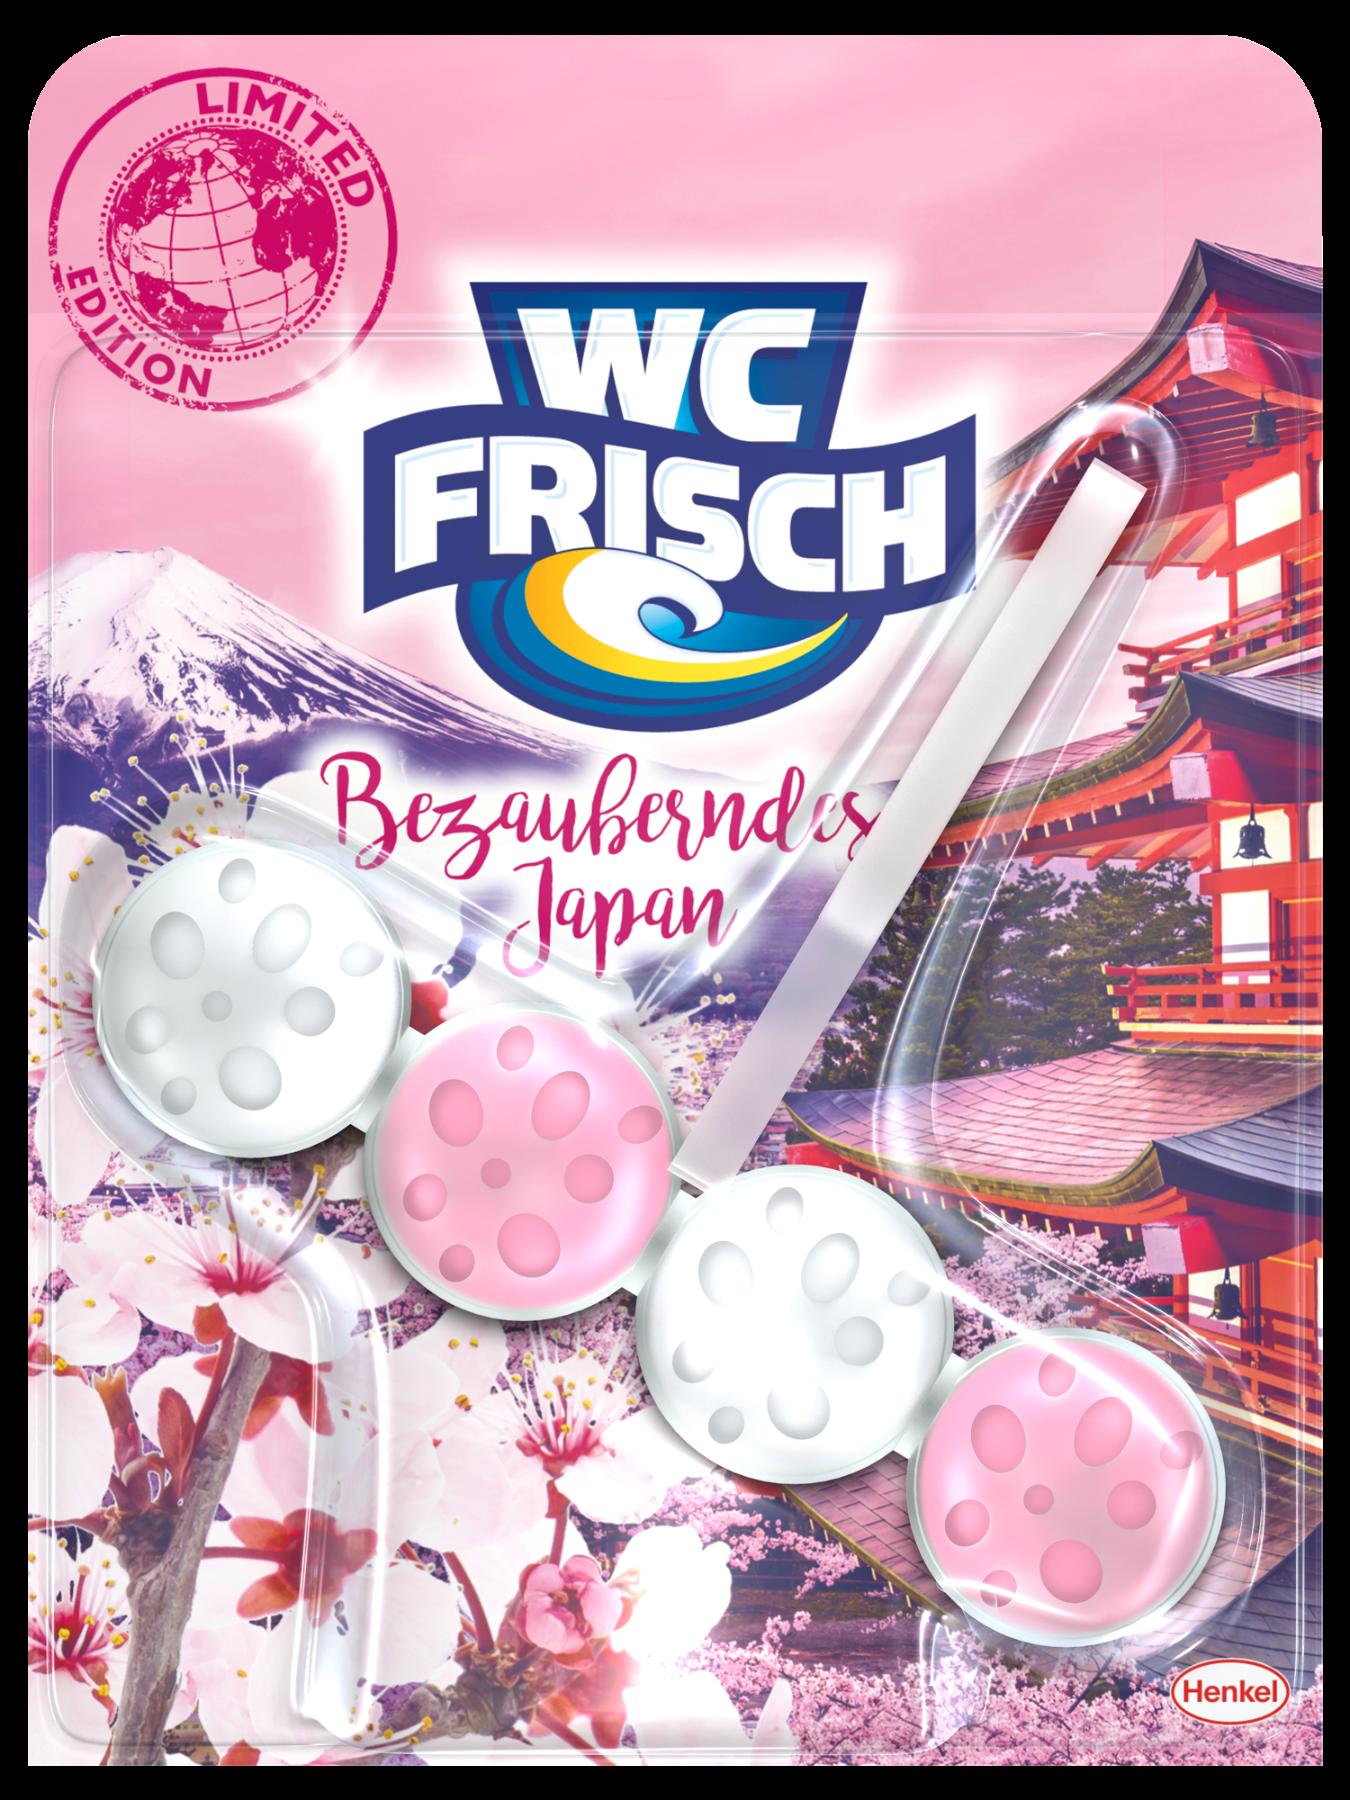 Die neue WC Frisch Limited Edition mit der Version Bezauberndes Japan